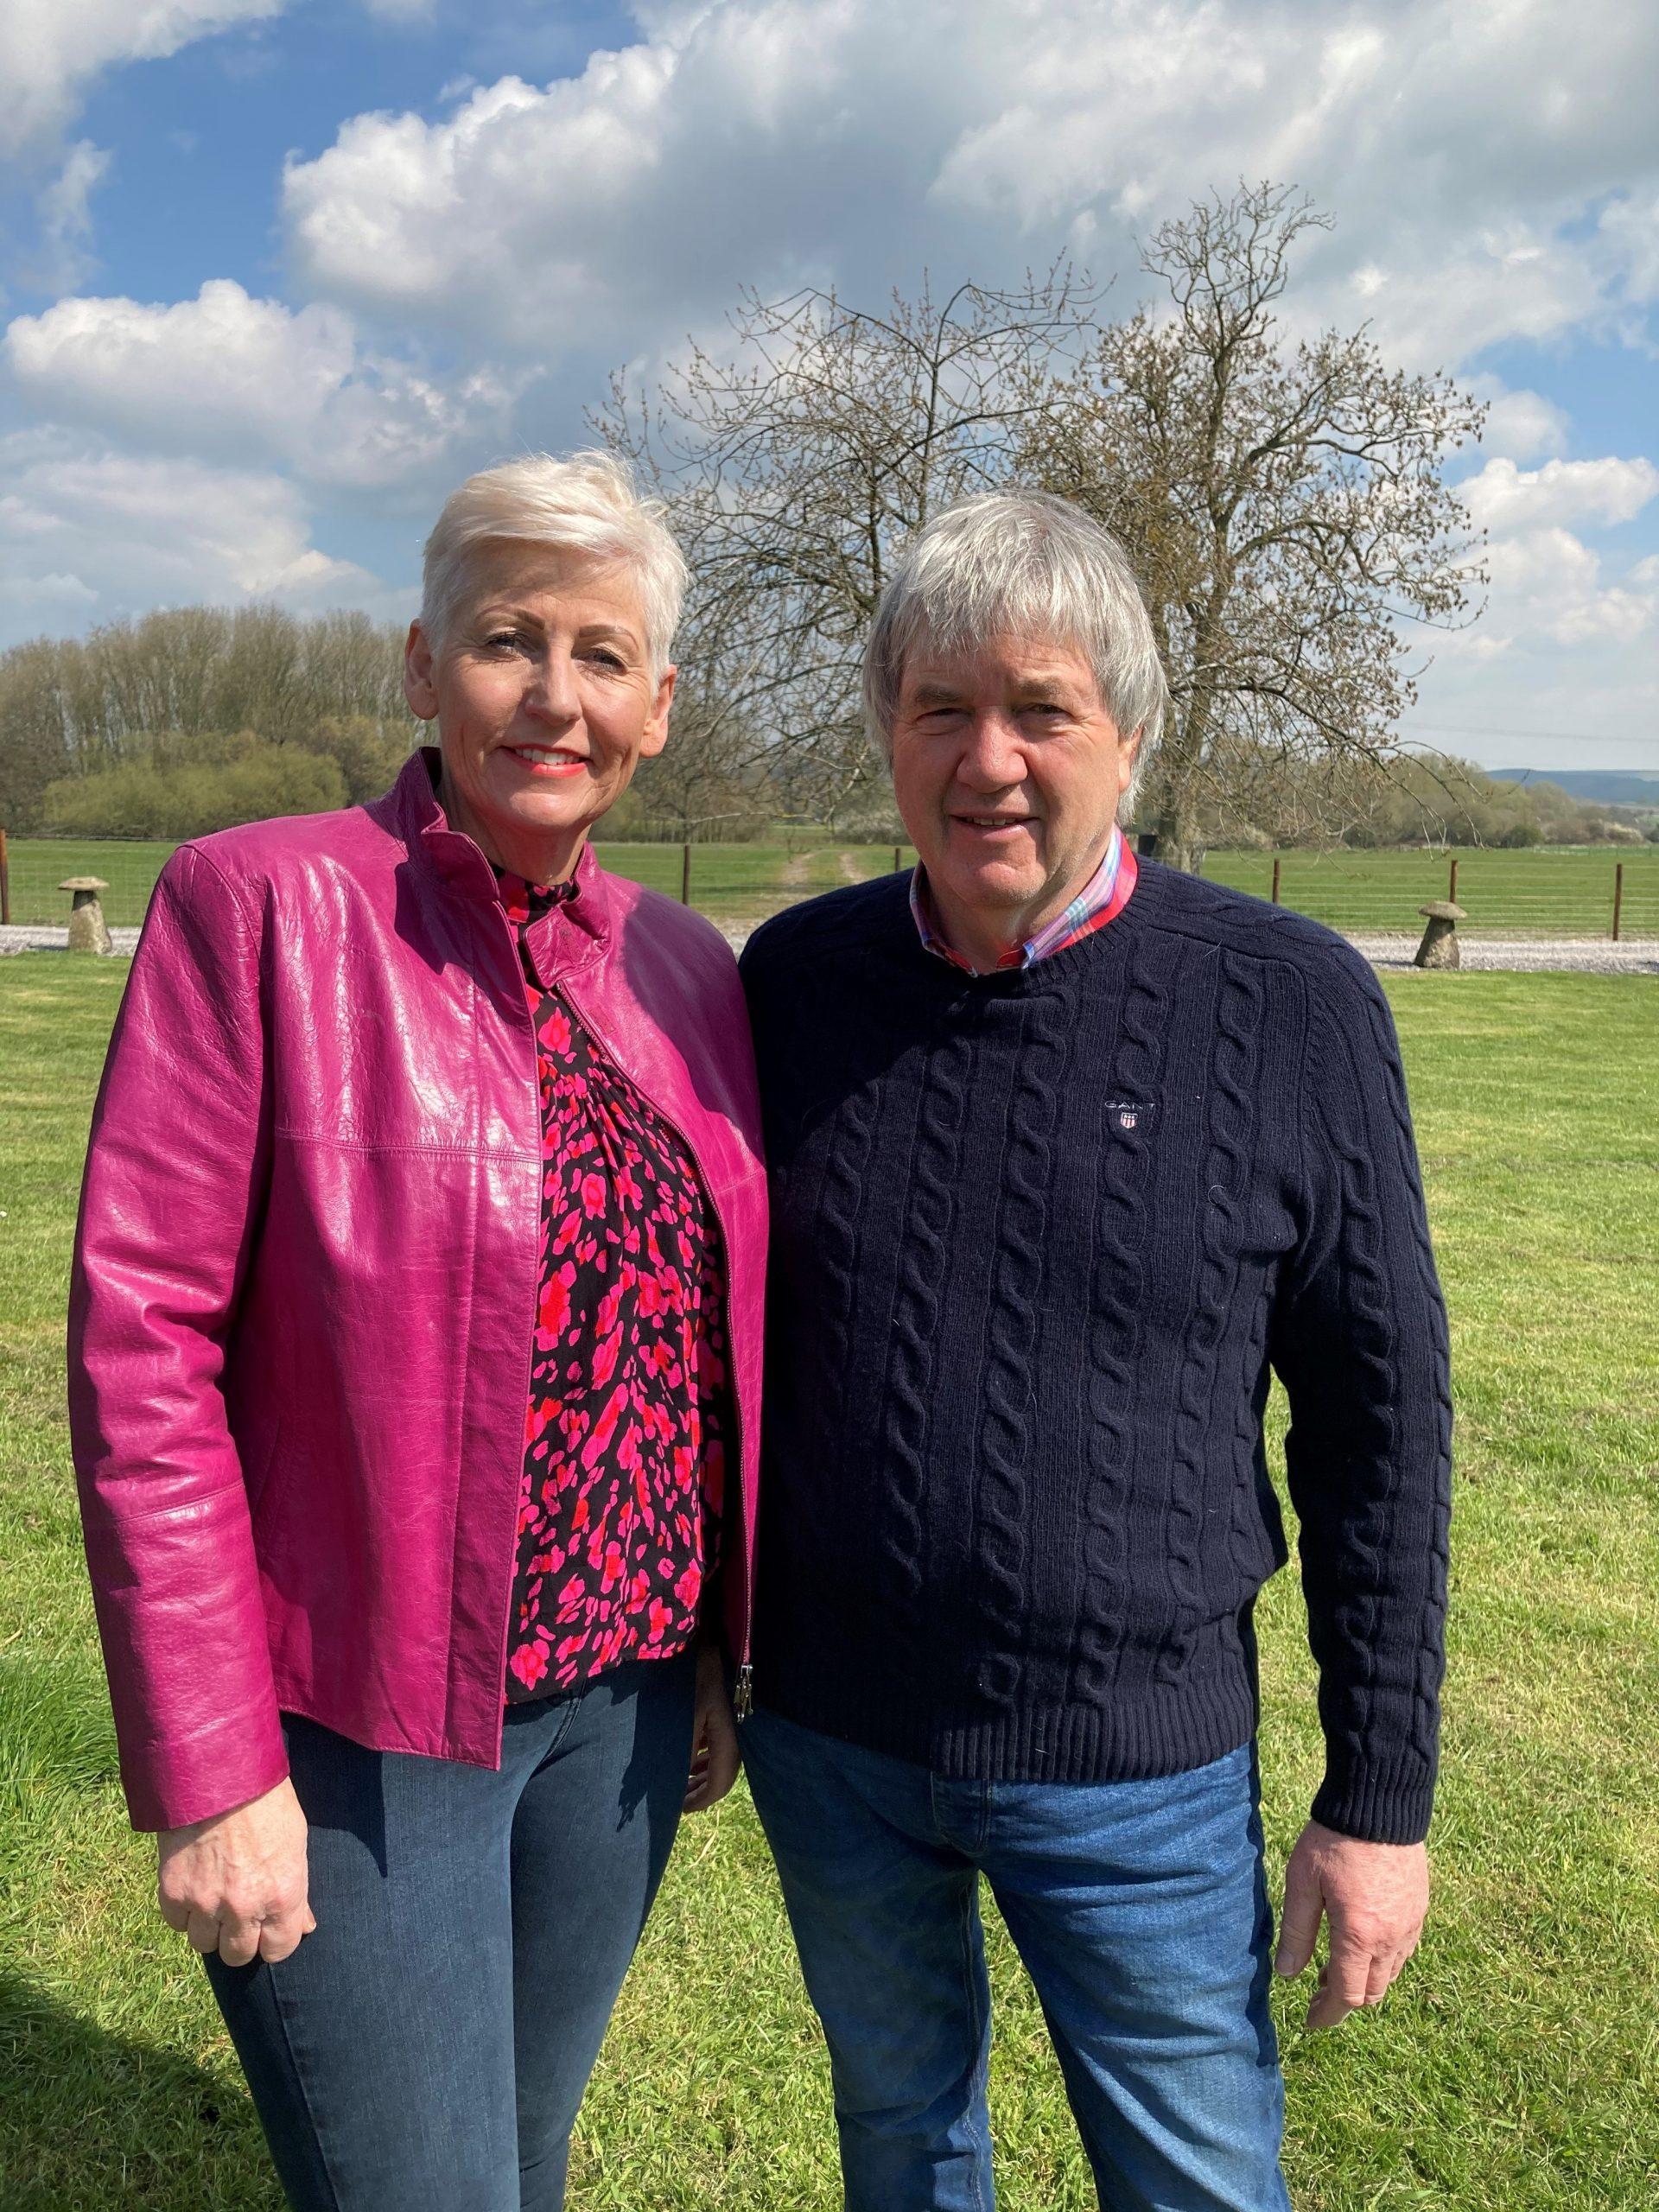 Ken & Kay stood outside